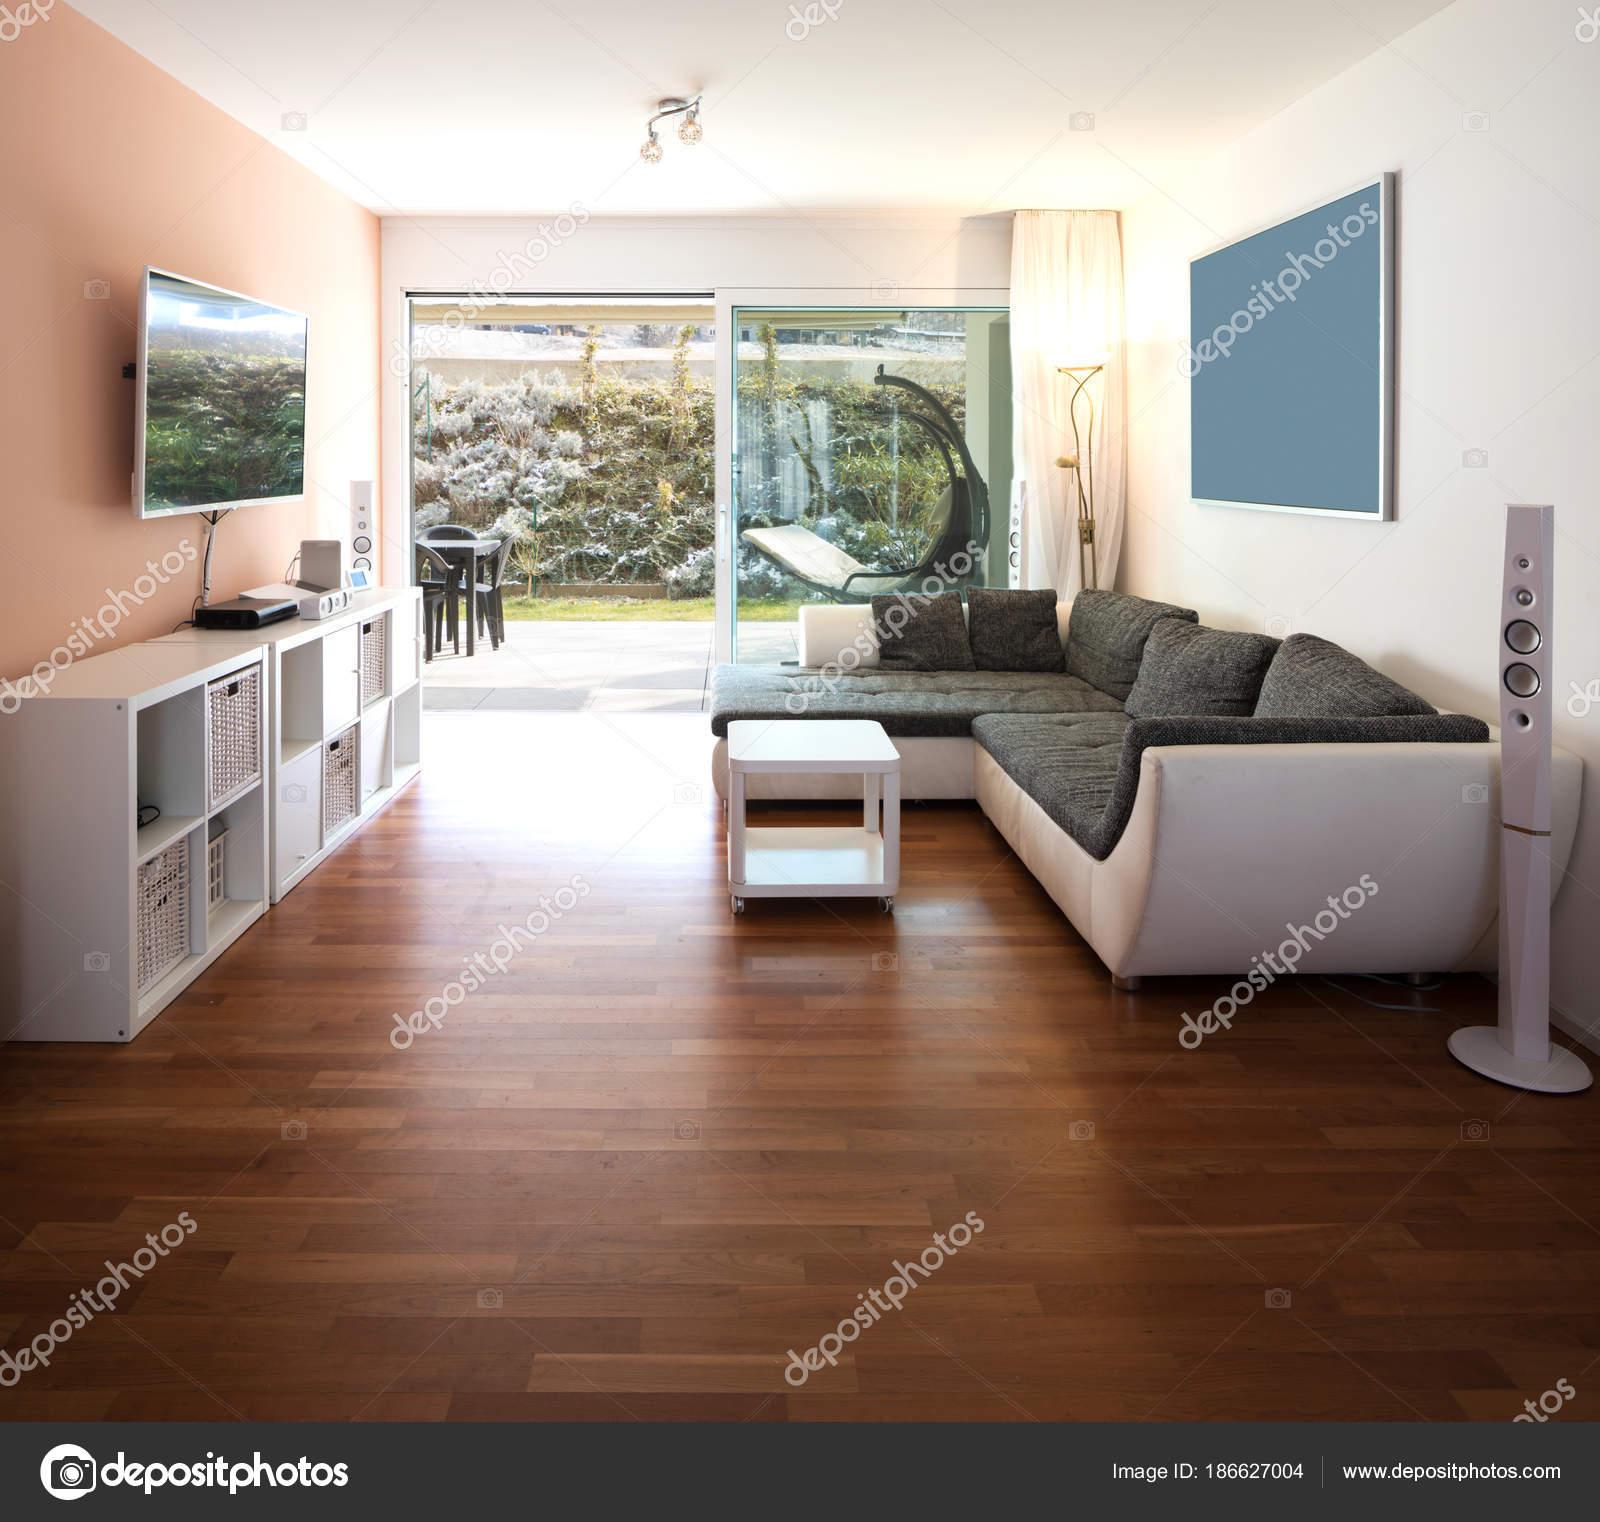 Wohnzimmer mit fenster und blick auf den garten stockfoto zveiger 186627004 - Wohnzimmer fenster ...